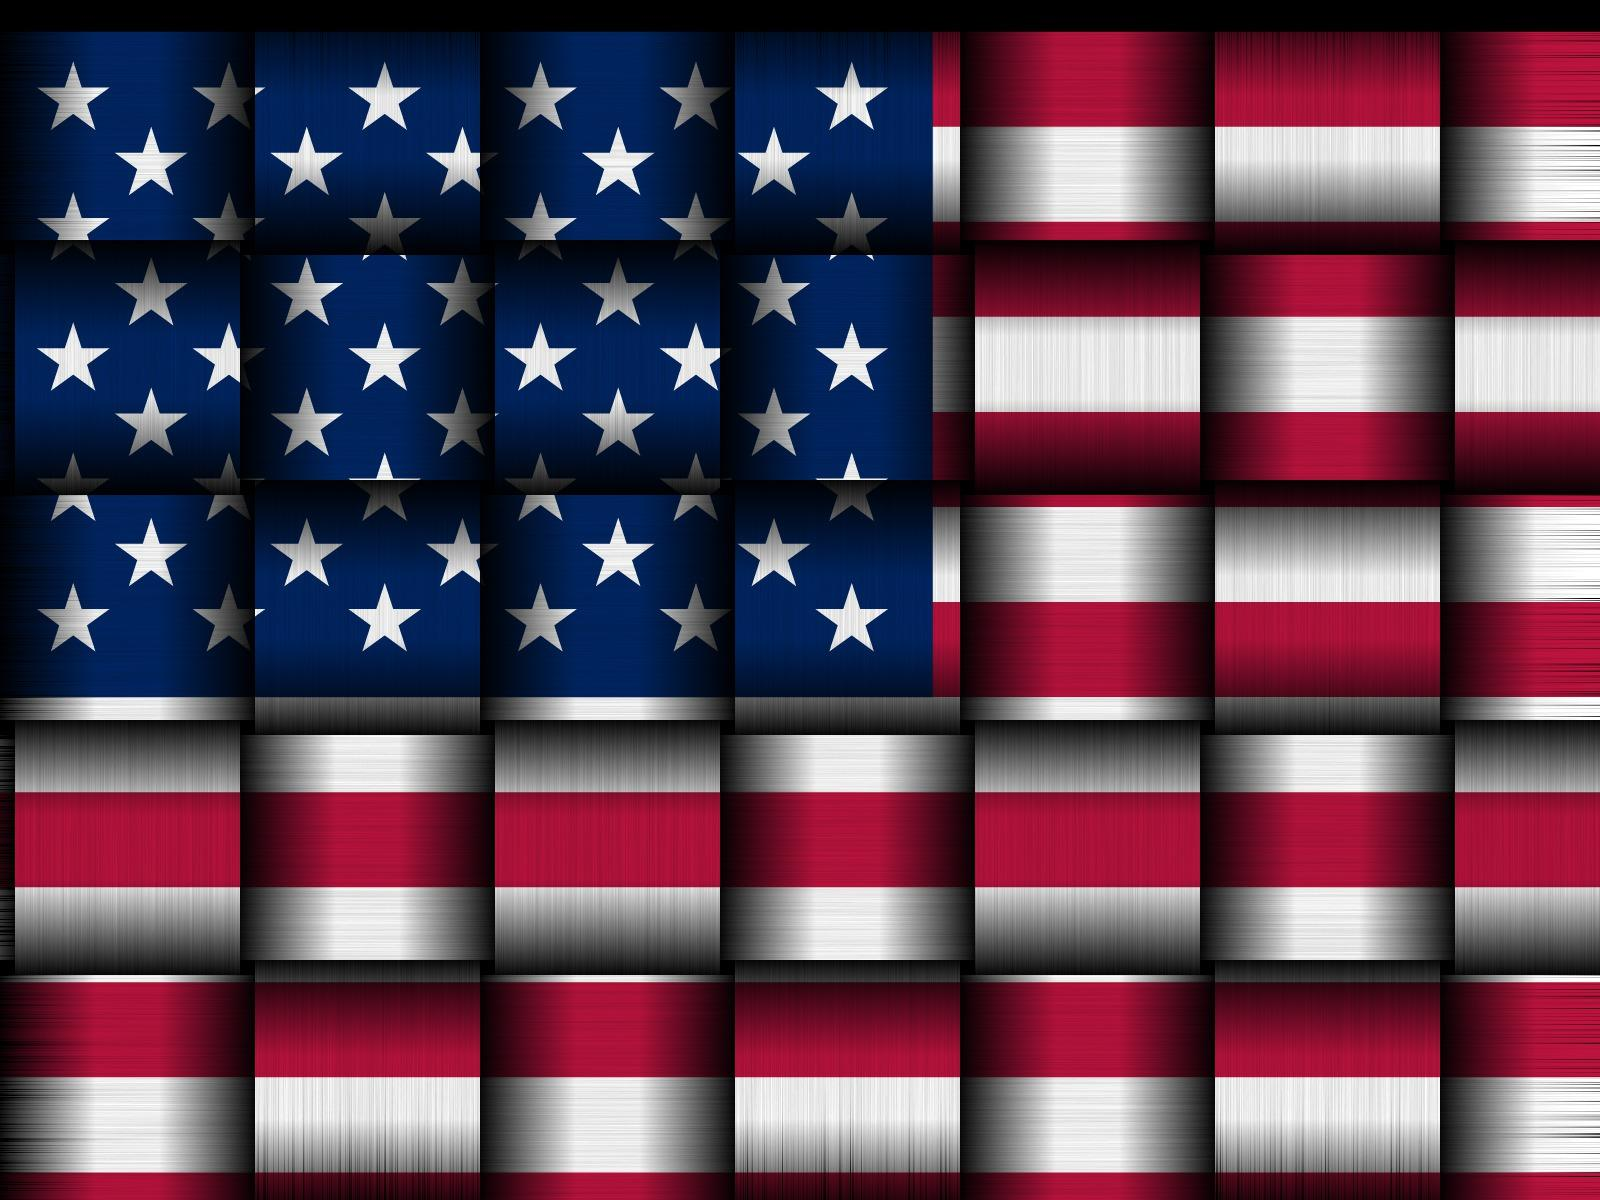 flag desktop background - photo #26